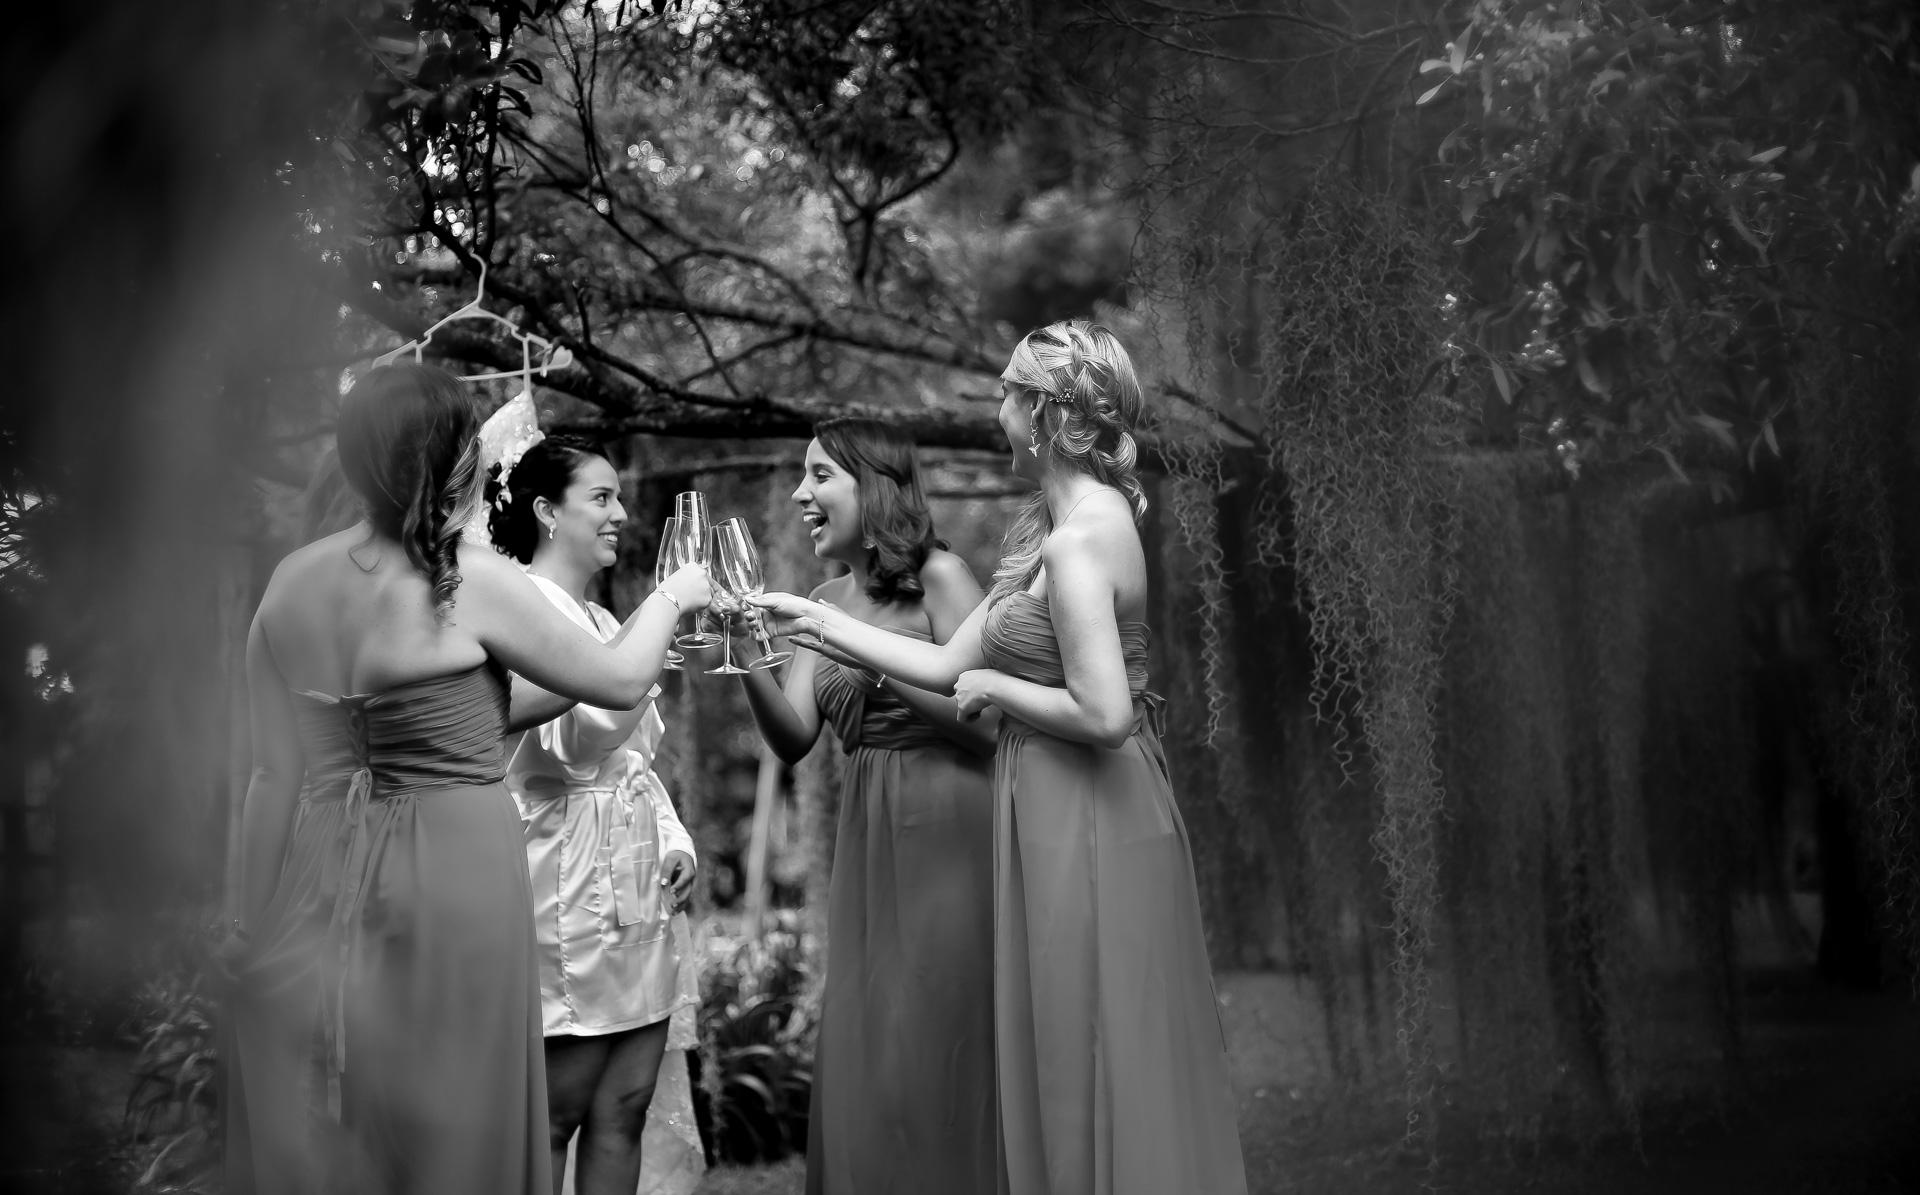 Fotógrafos-de-bodas-en-Colombia-Angela-y-Camilo ANGELA + CAMILO